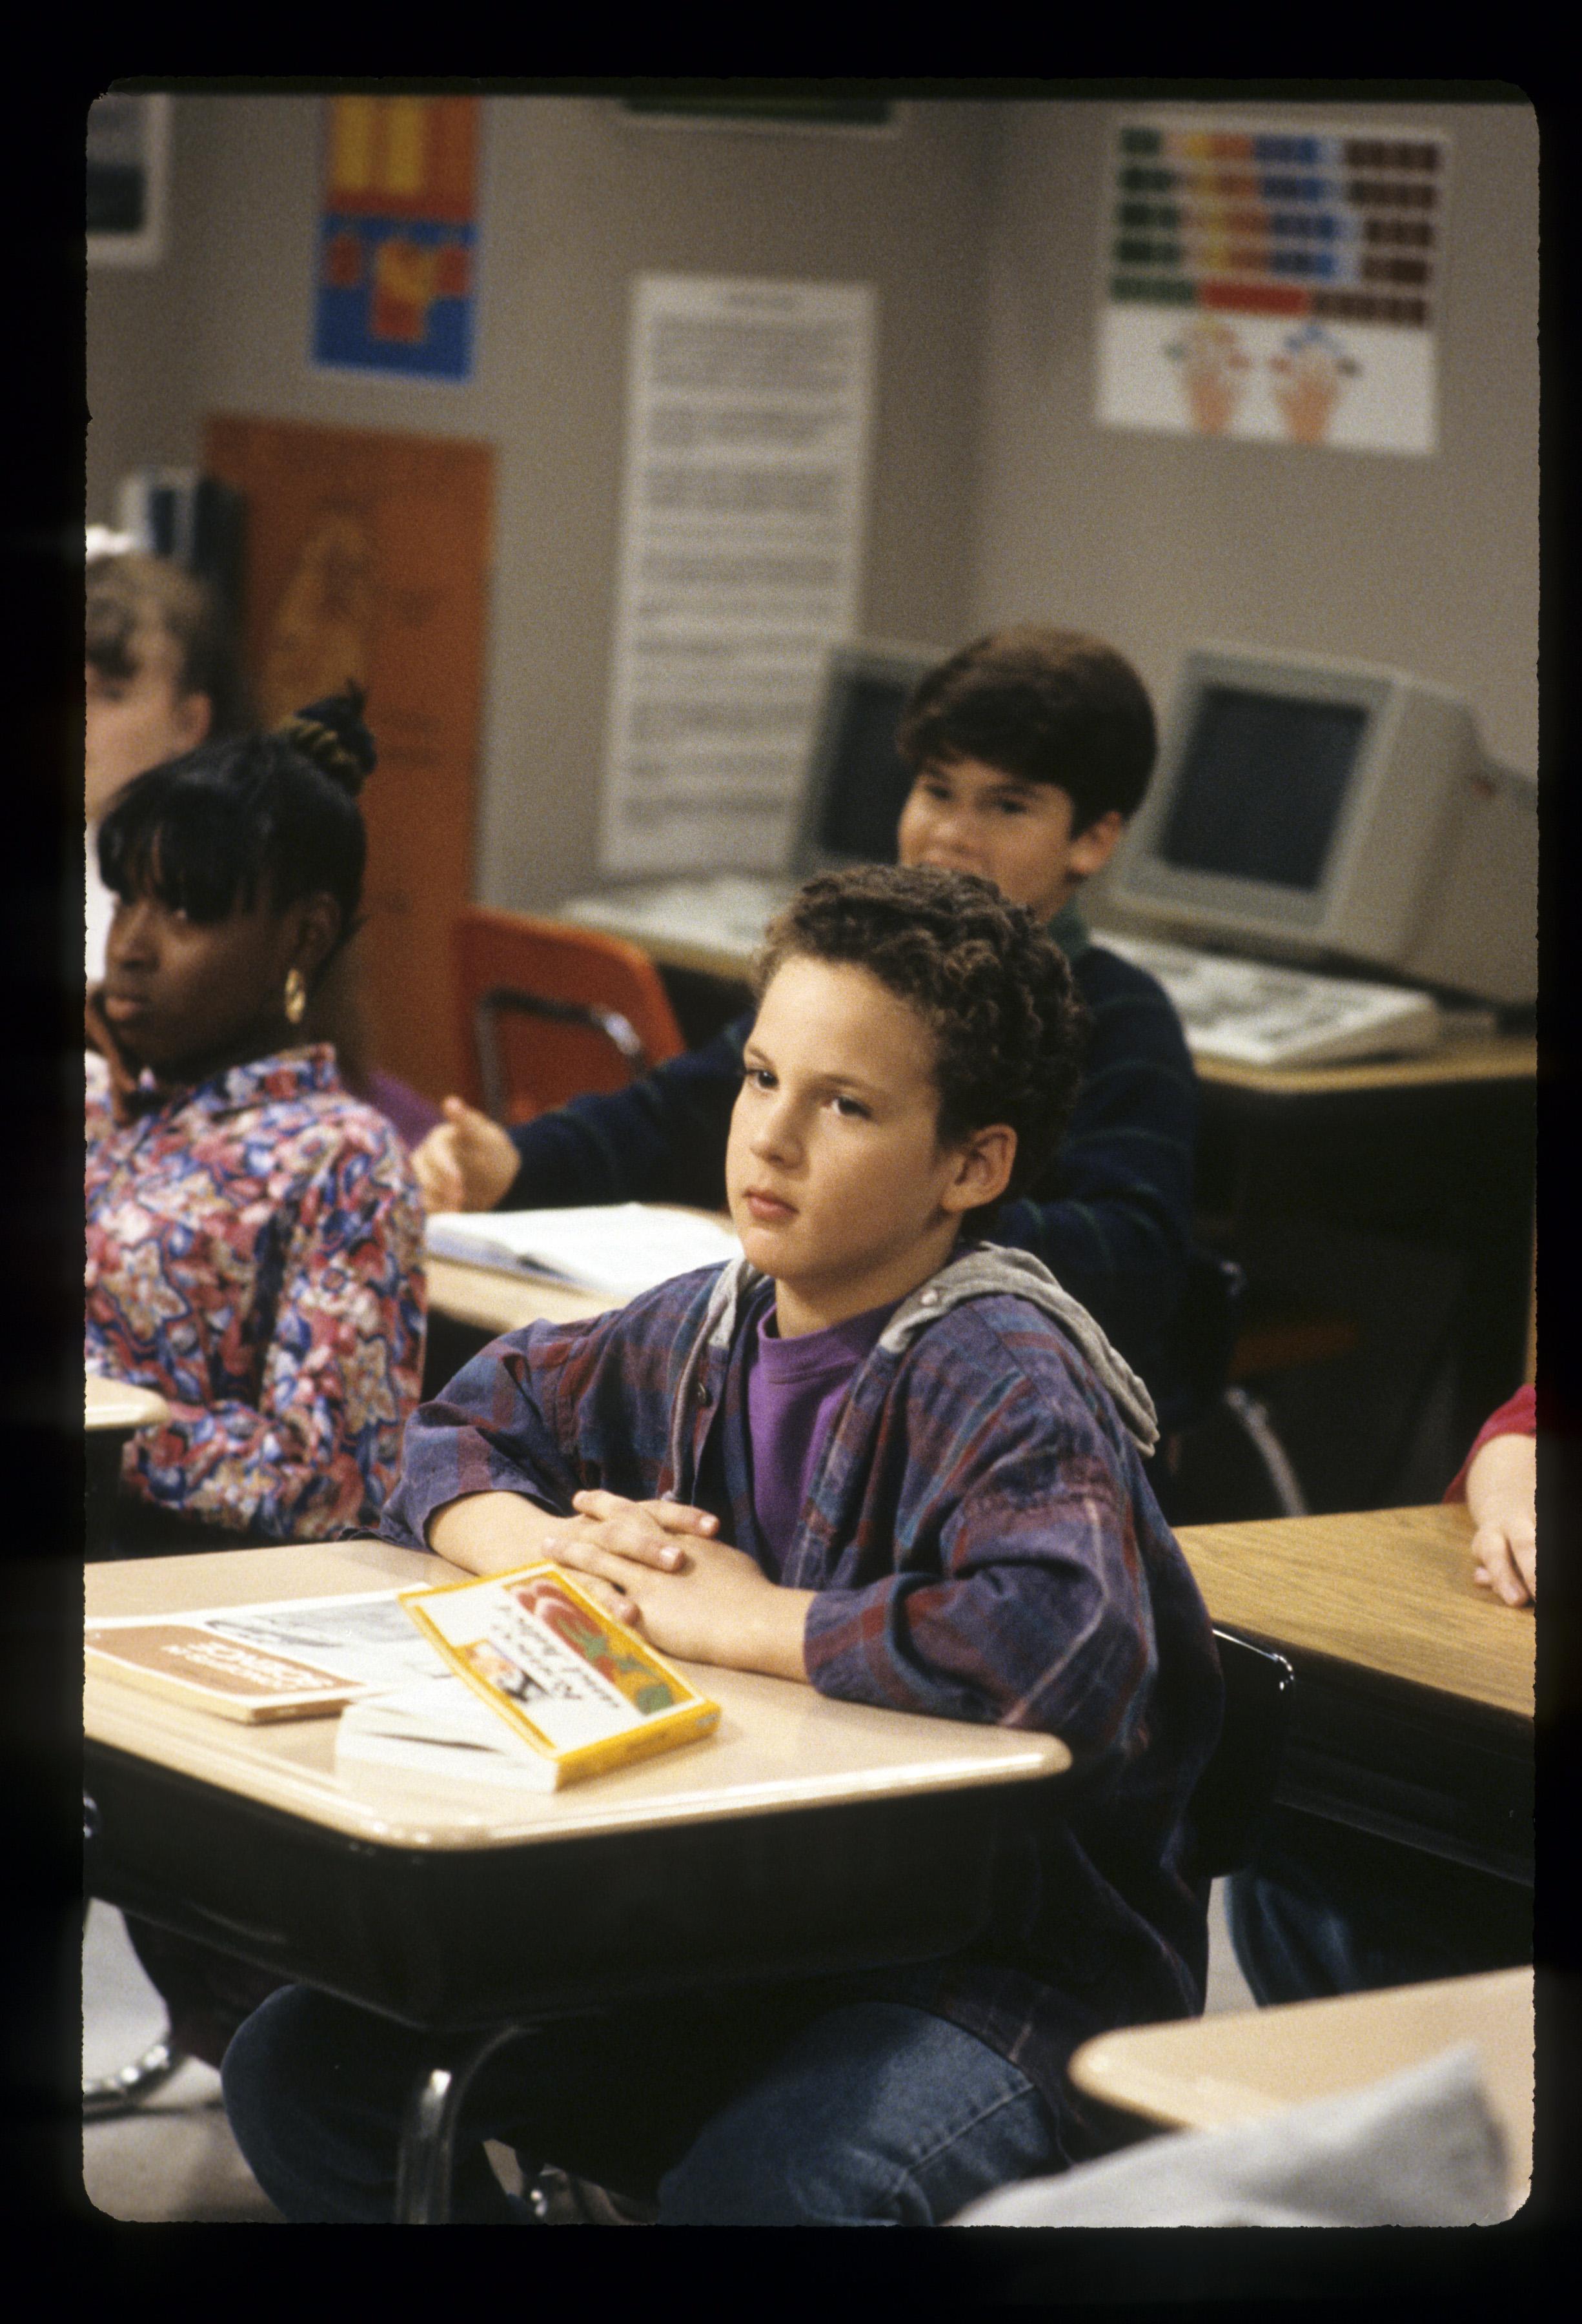 Ben Savage in Boy Meets World (1993)